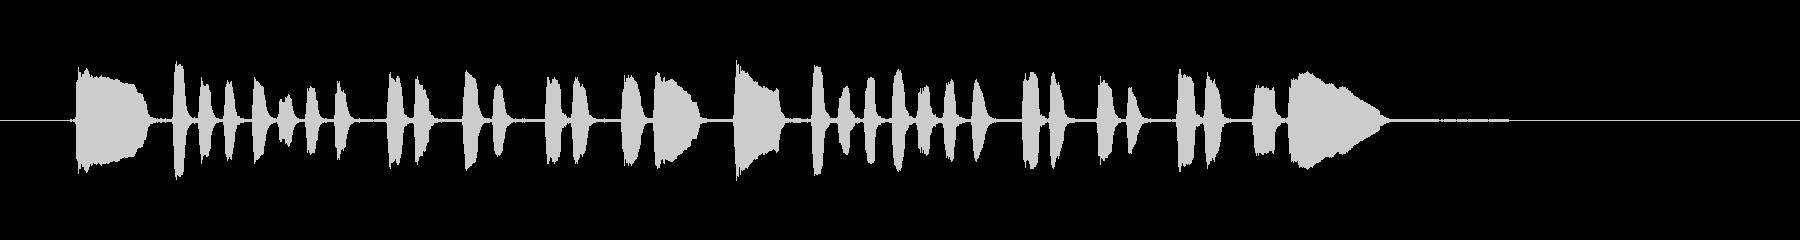 ビューグルオフィサー-軍事、ビュー...の未再生の波形